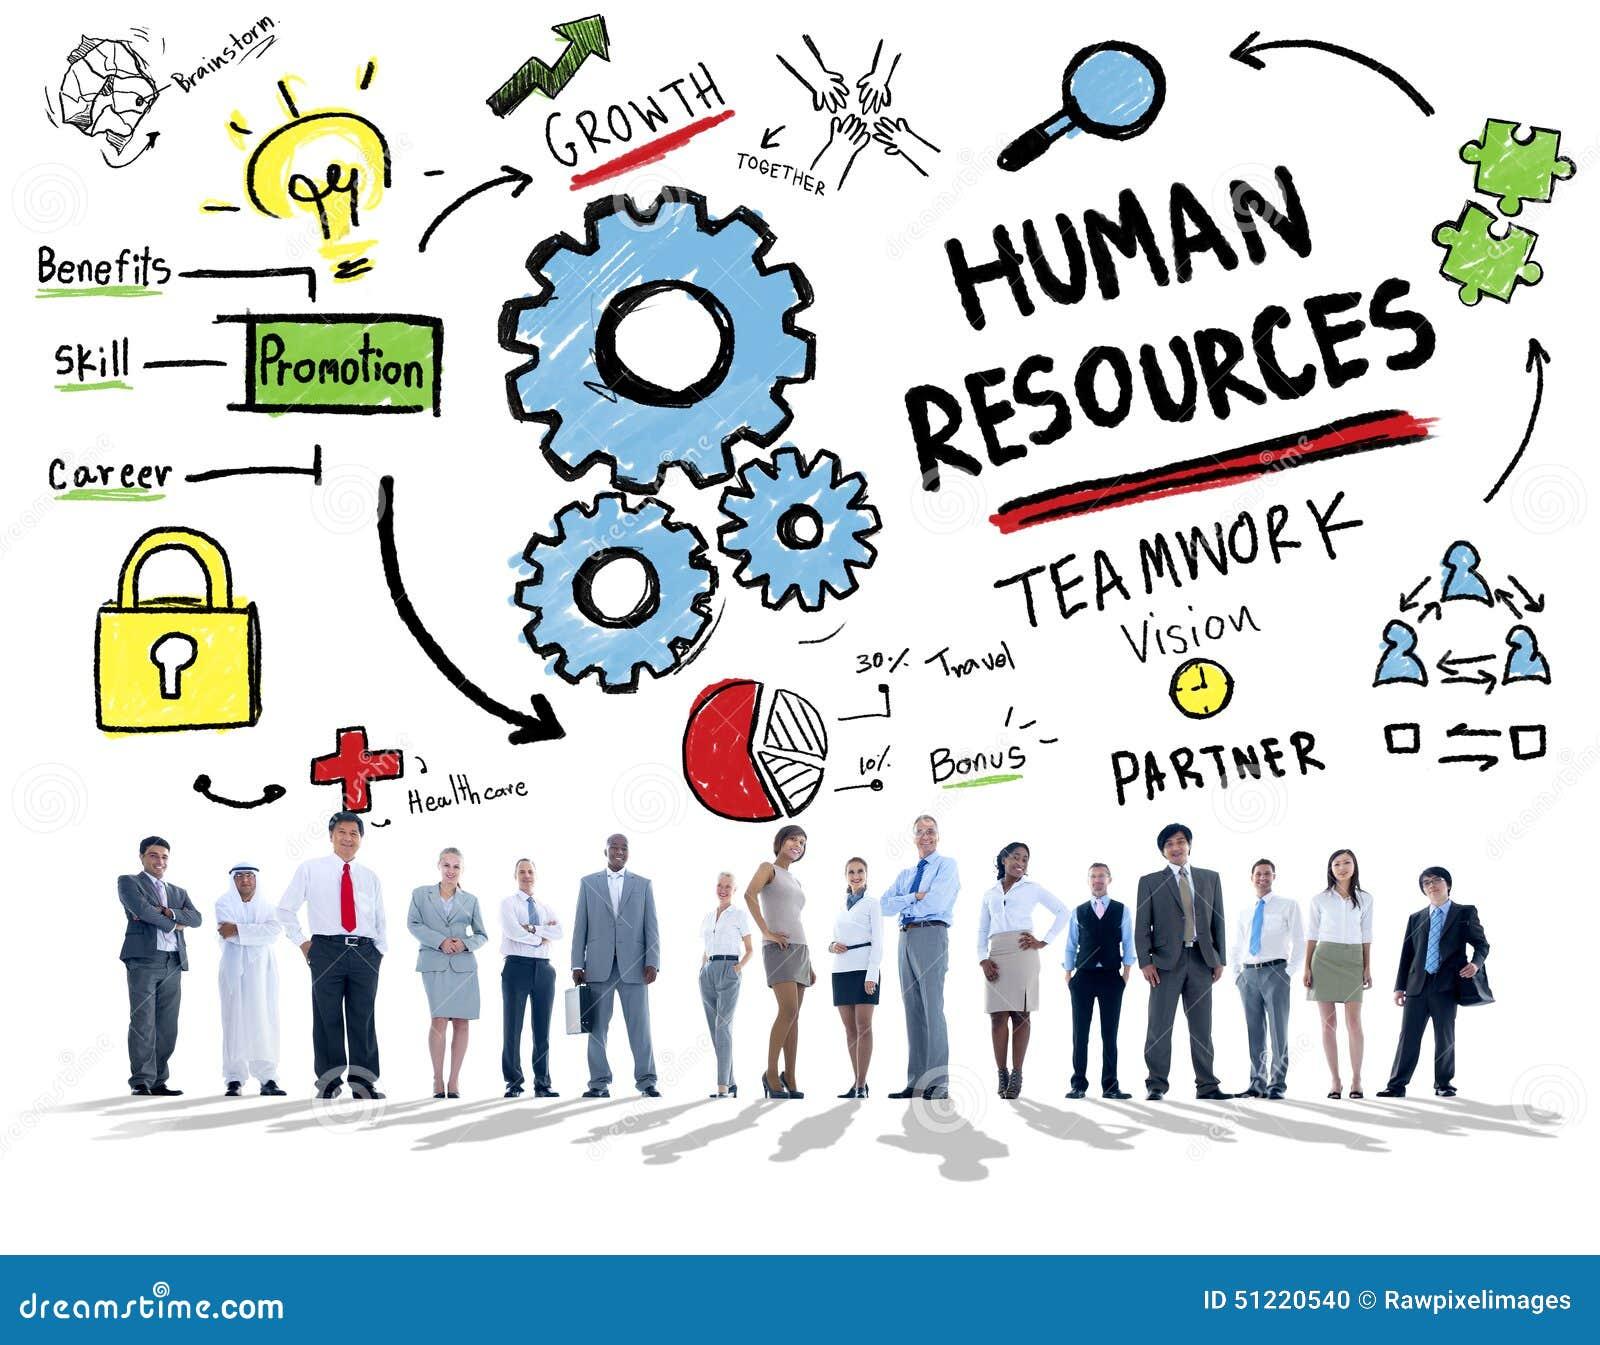 Busca en ofertas de trabajo de las mejores empresas en Recursos humanos. Bumeran, la bolsa de empleo más grande de Perú.